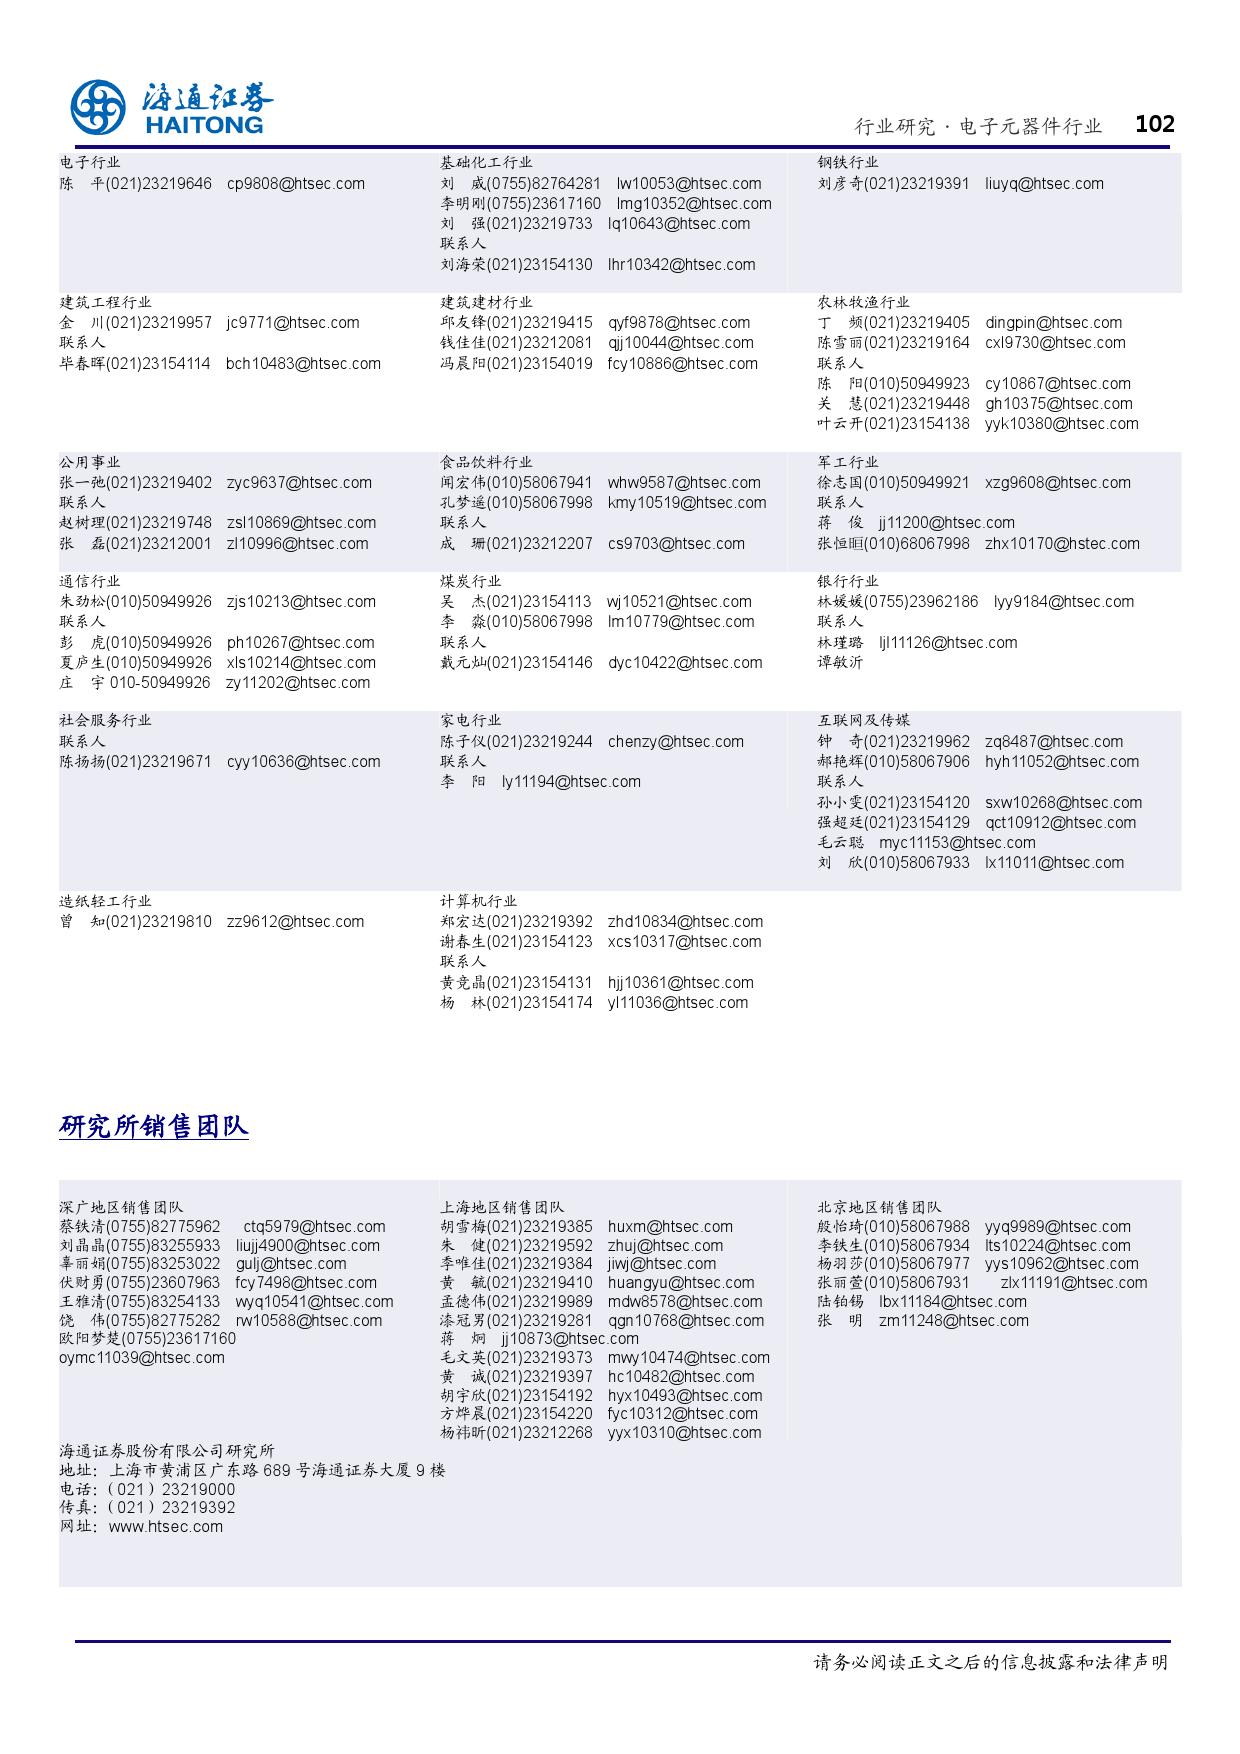 报告全解传感器全球产业链_000102